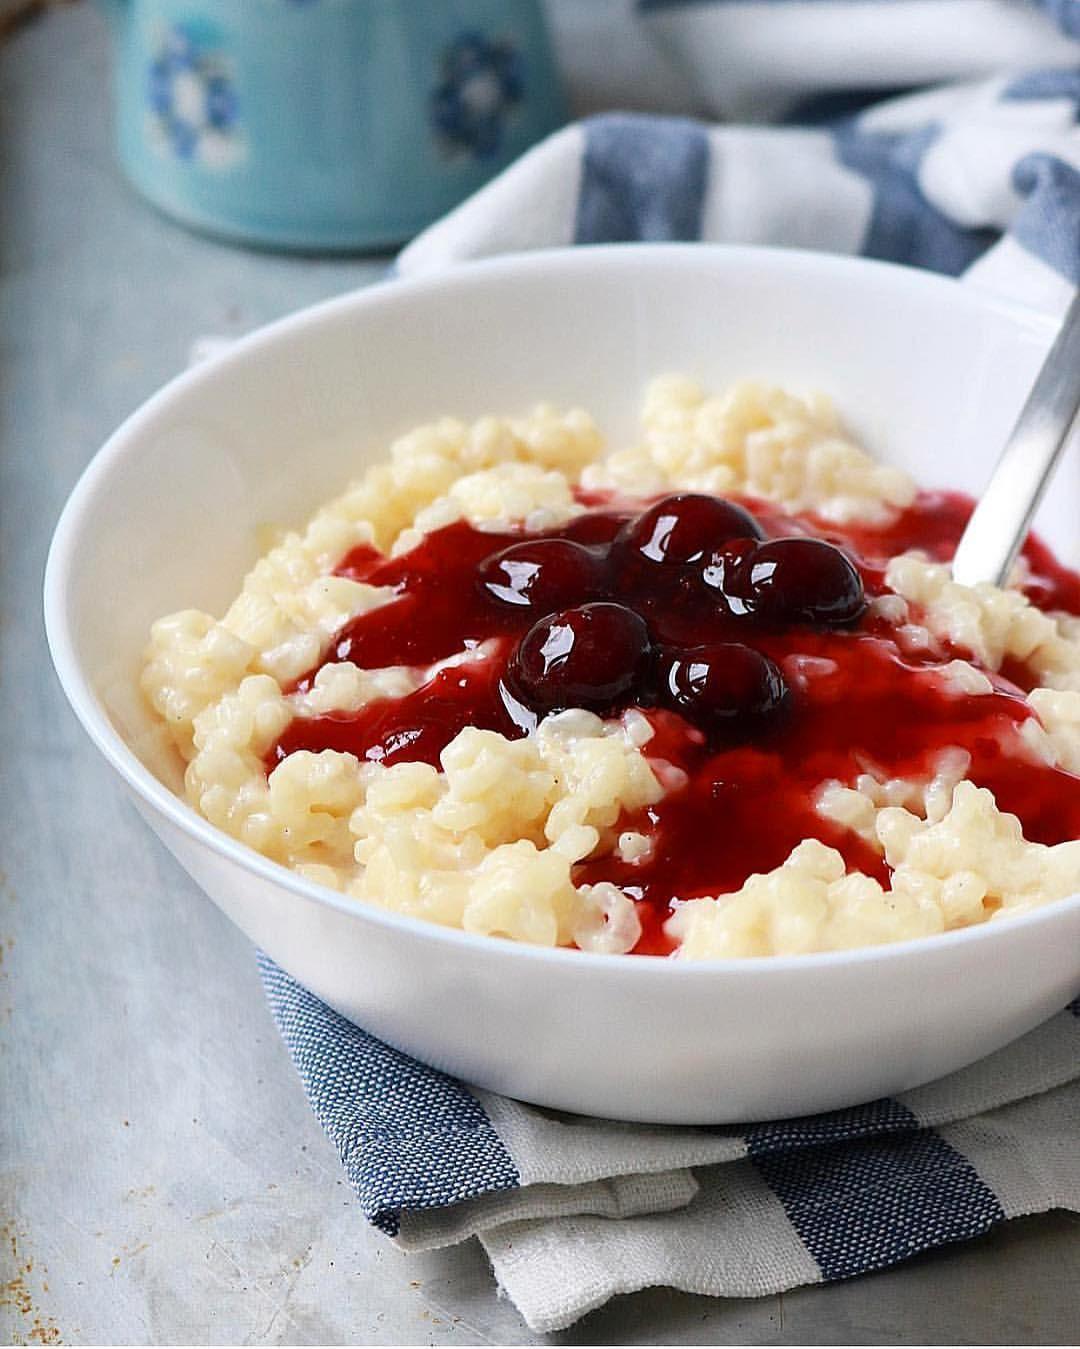 Рисовая Диета Завтрак. Худеем на рисе: быстро, эффективно, недорого